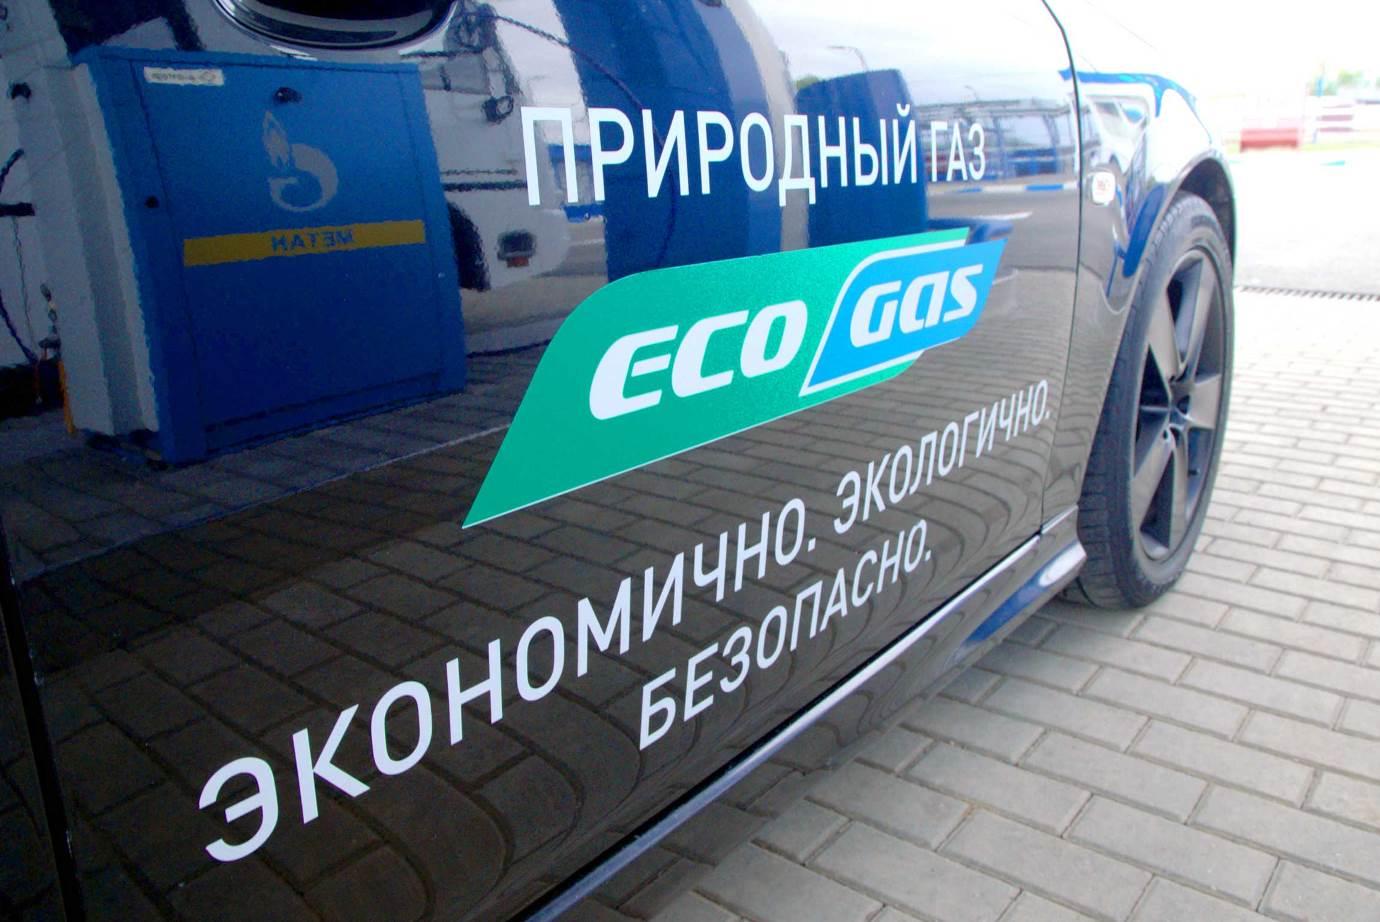 В Пермском крае число газозаправочных станций вырастет в 9 раз